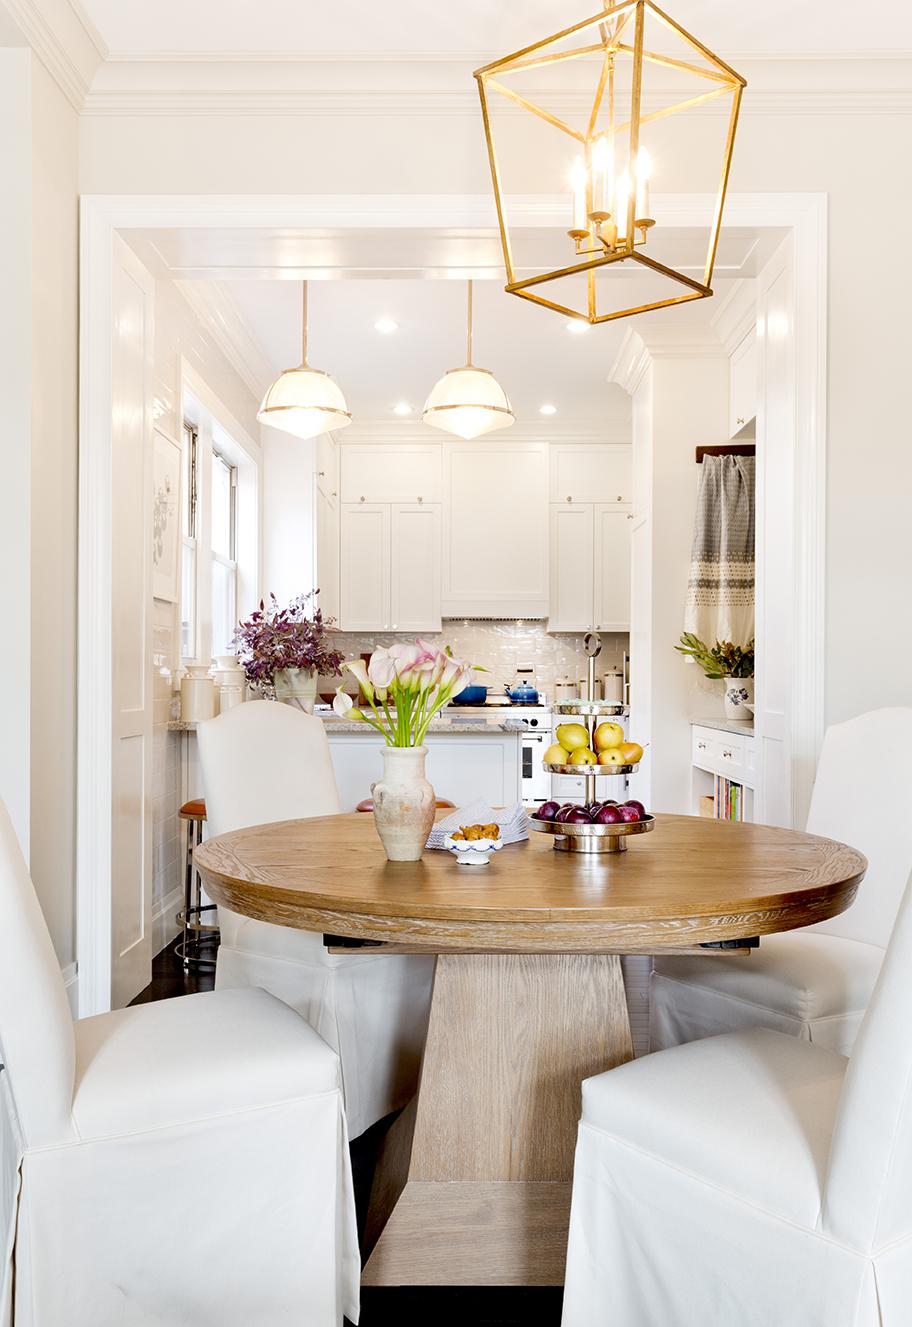 WHIW78_PAMELADAILEYDESIGN-DINING-OPEN-KITCHEN-BEIGHT.jpg